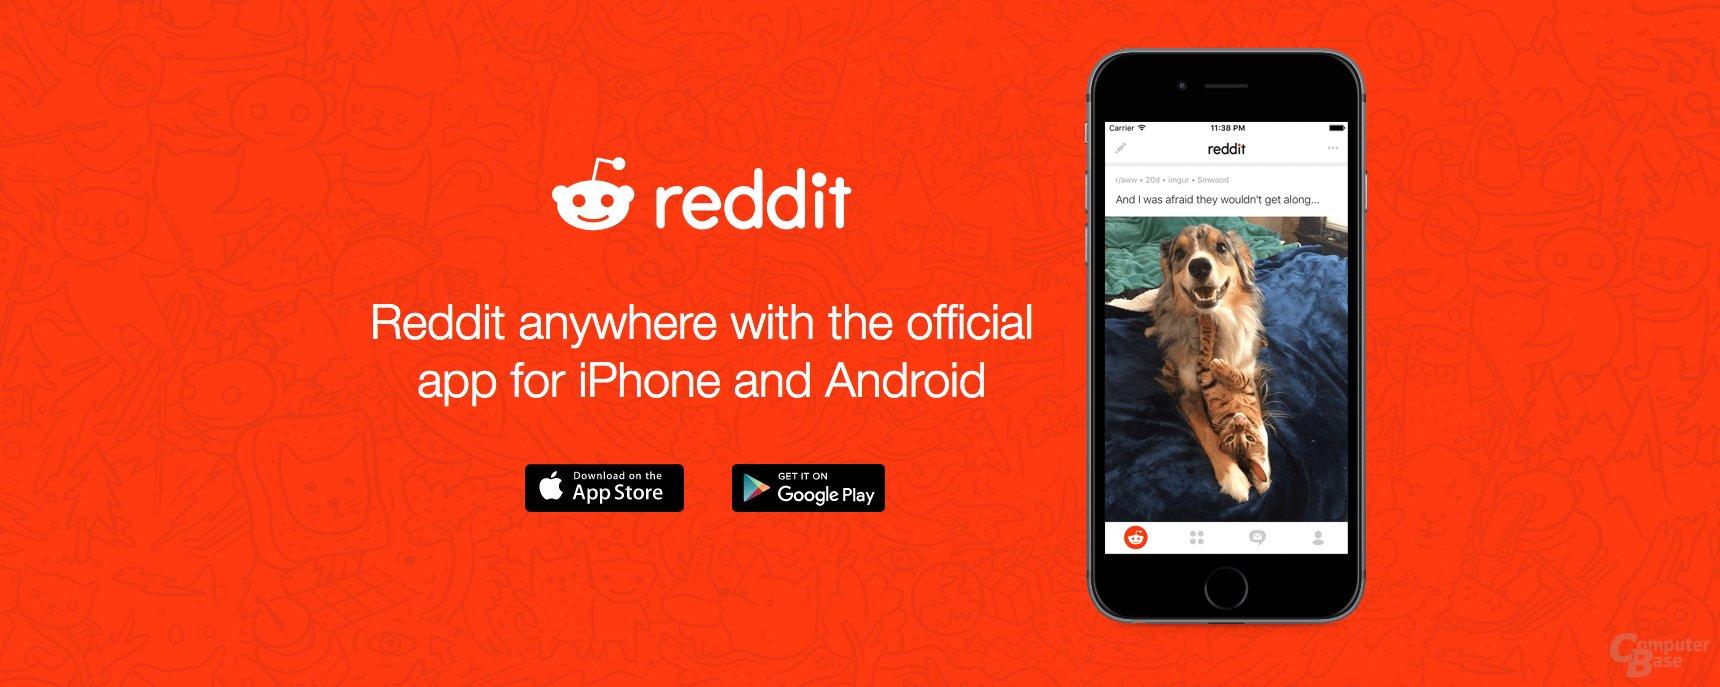 Offizielle Reddit-App nun verfügbar